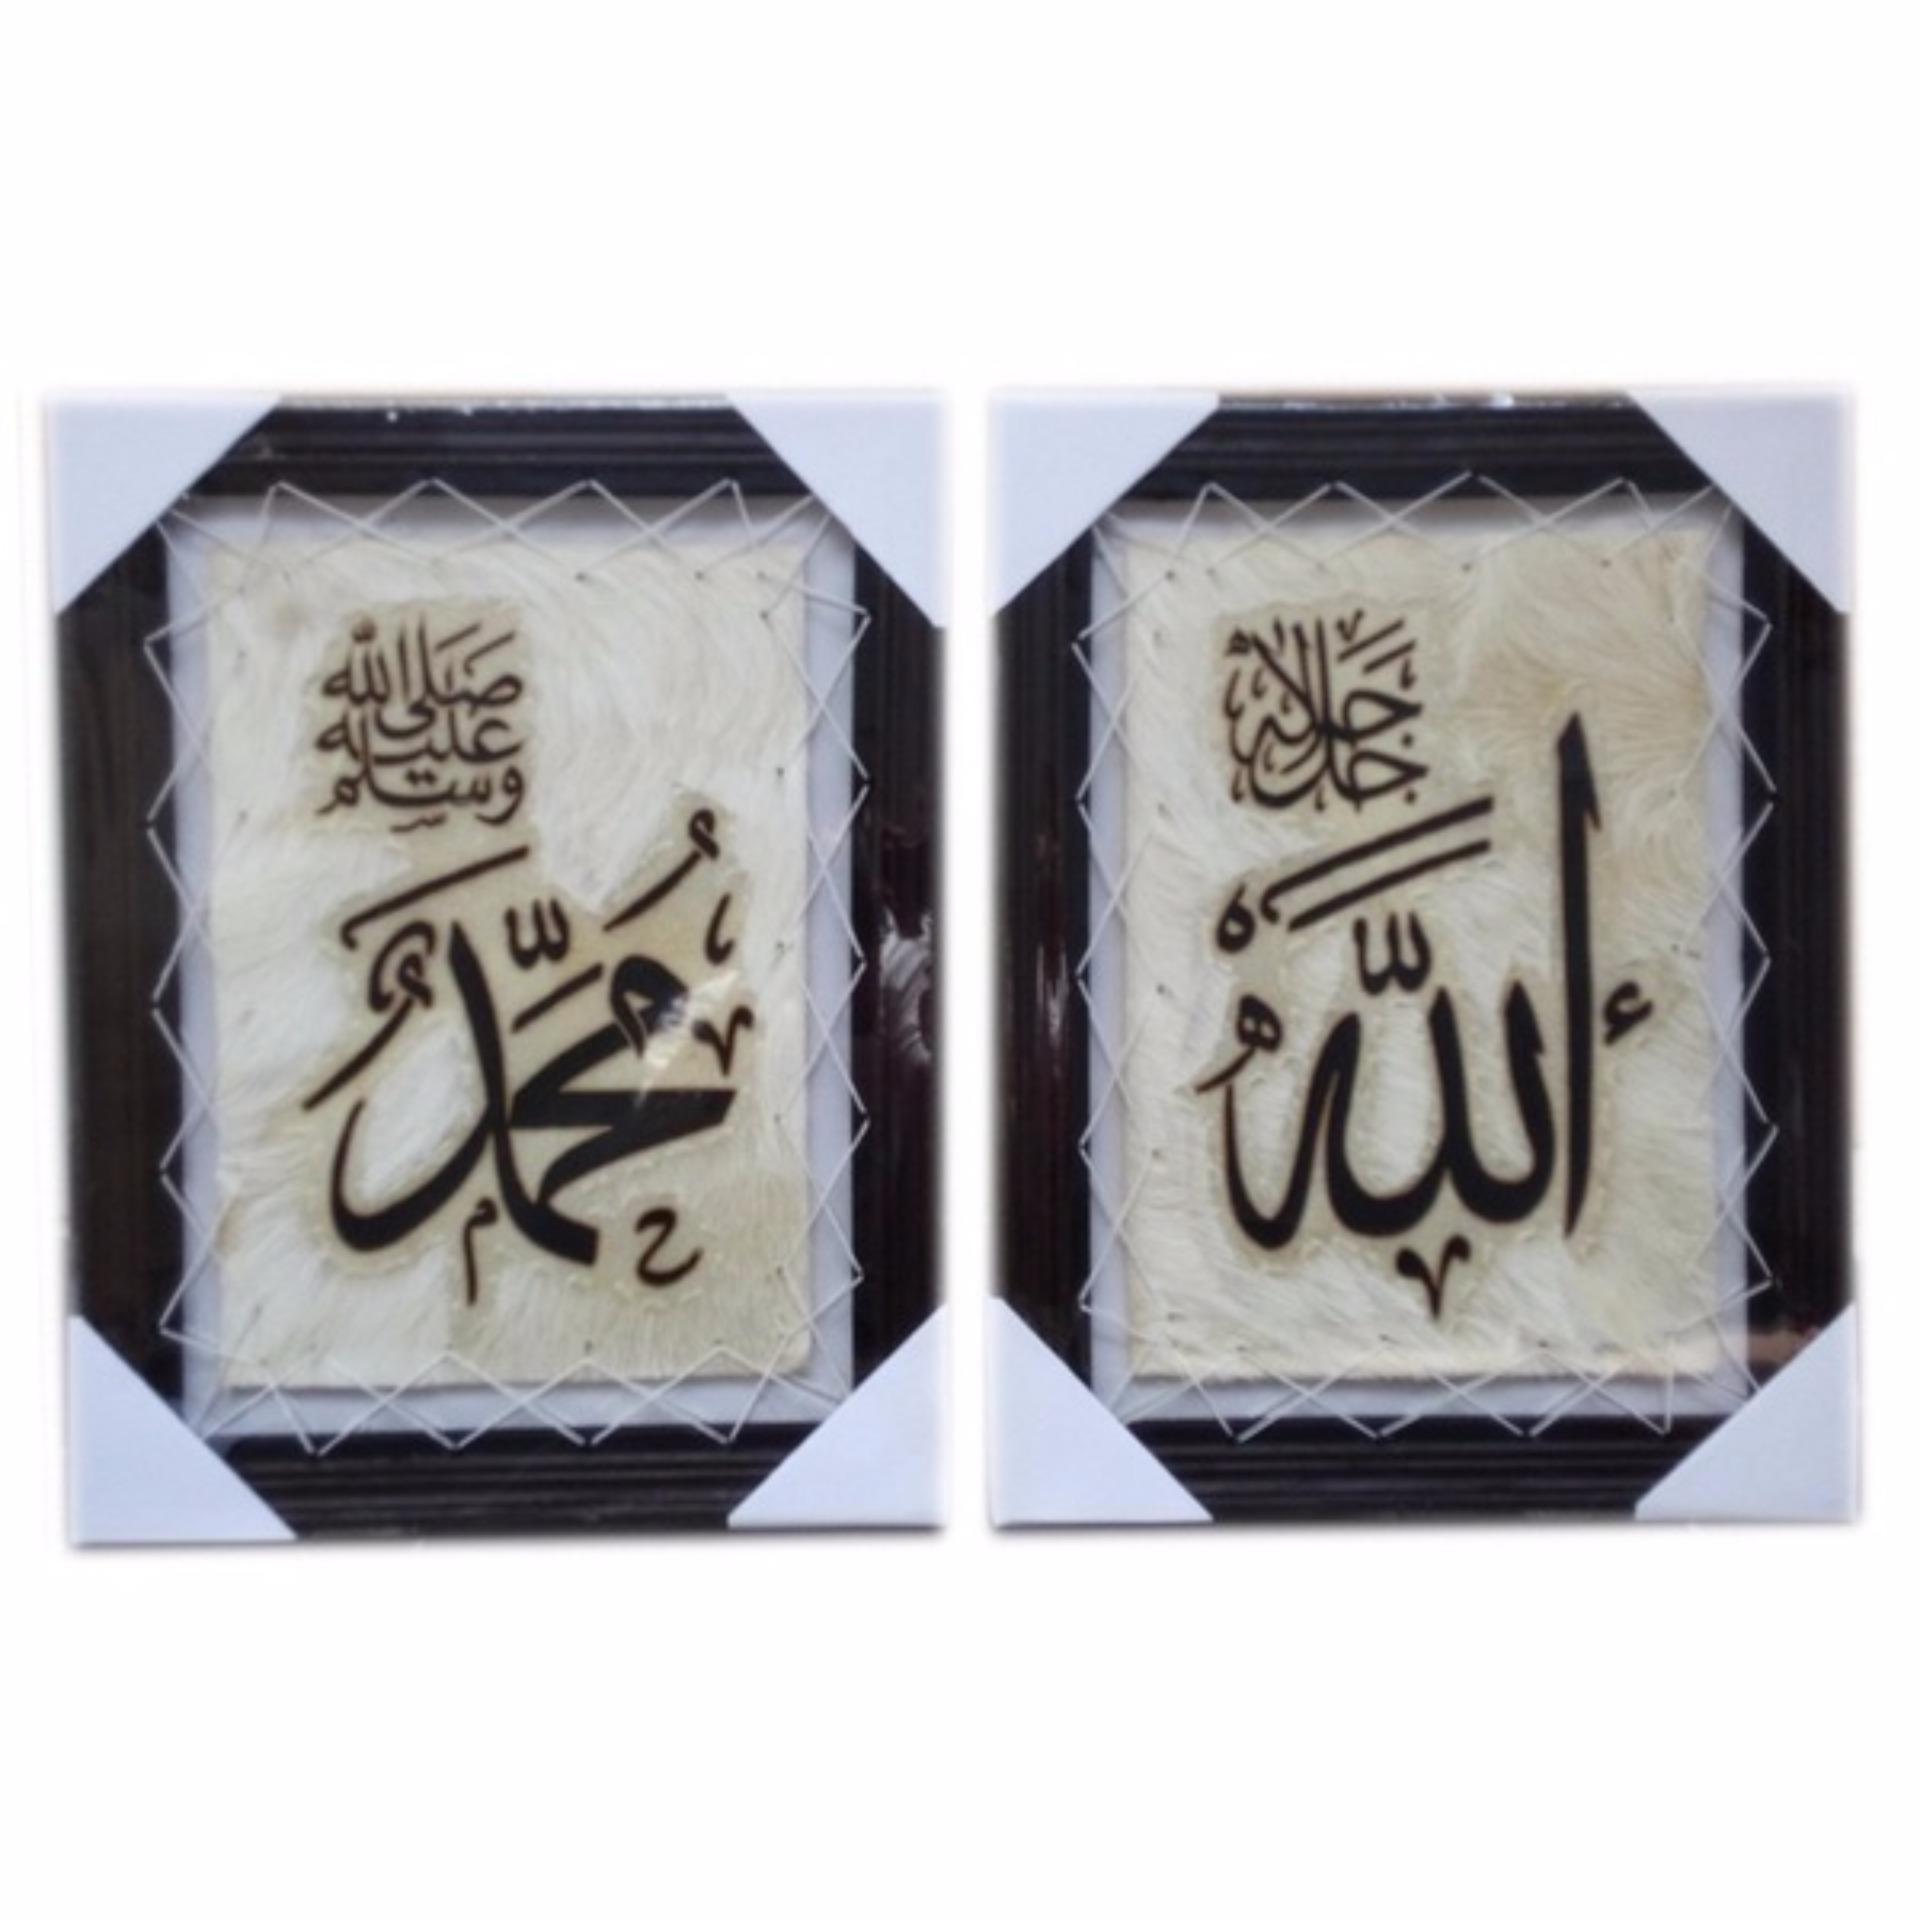 Shock Price Kerajinan Jogja Kaligrafi Allah Muhammad Kulit Kambing 33x44 cm - Putih Kecoklatan penjualan -